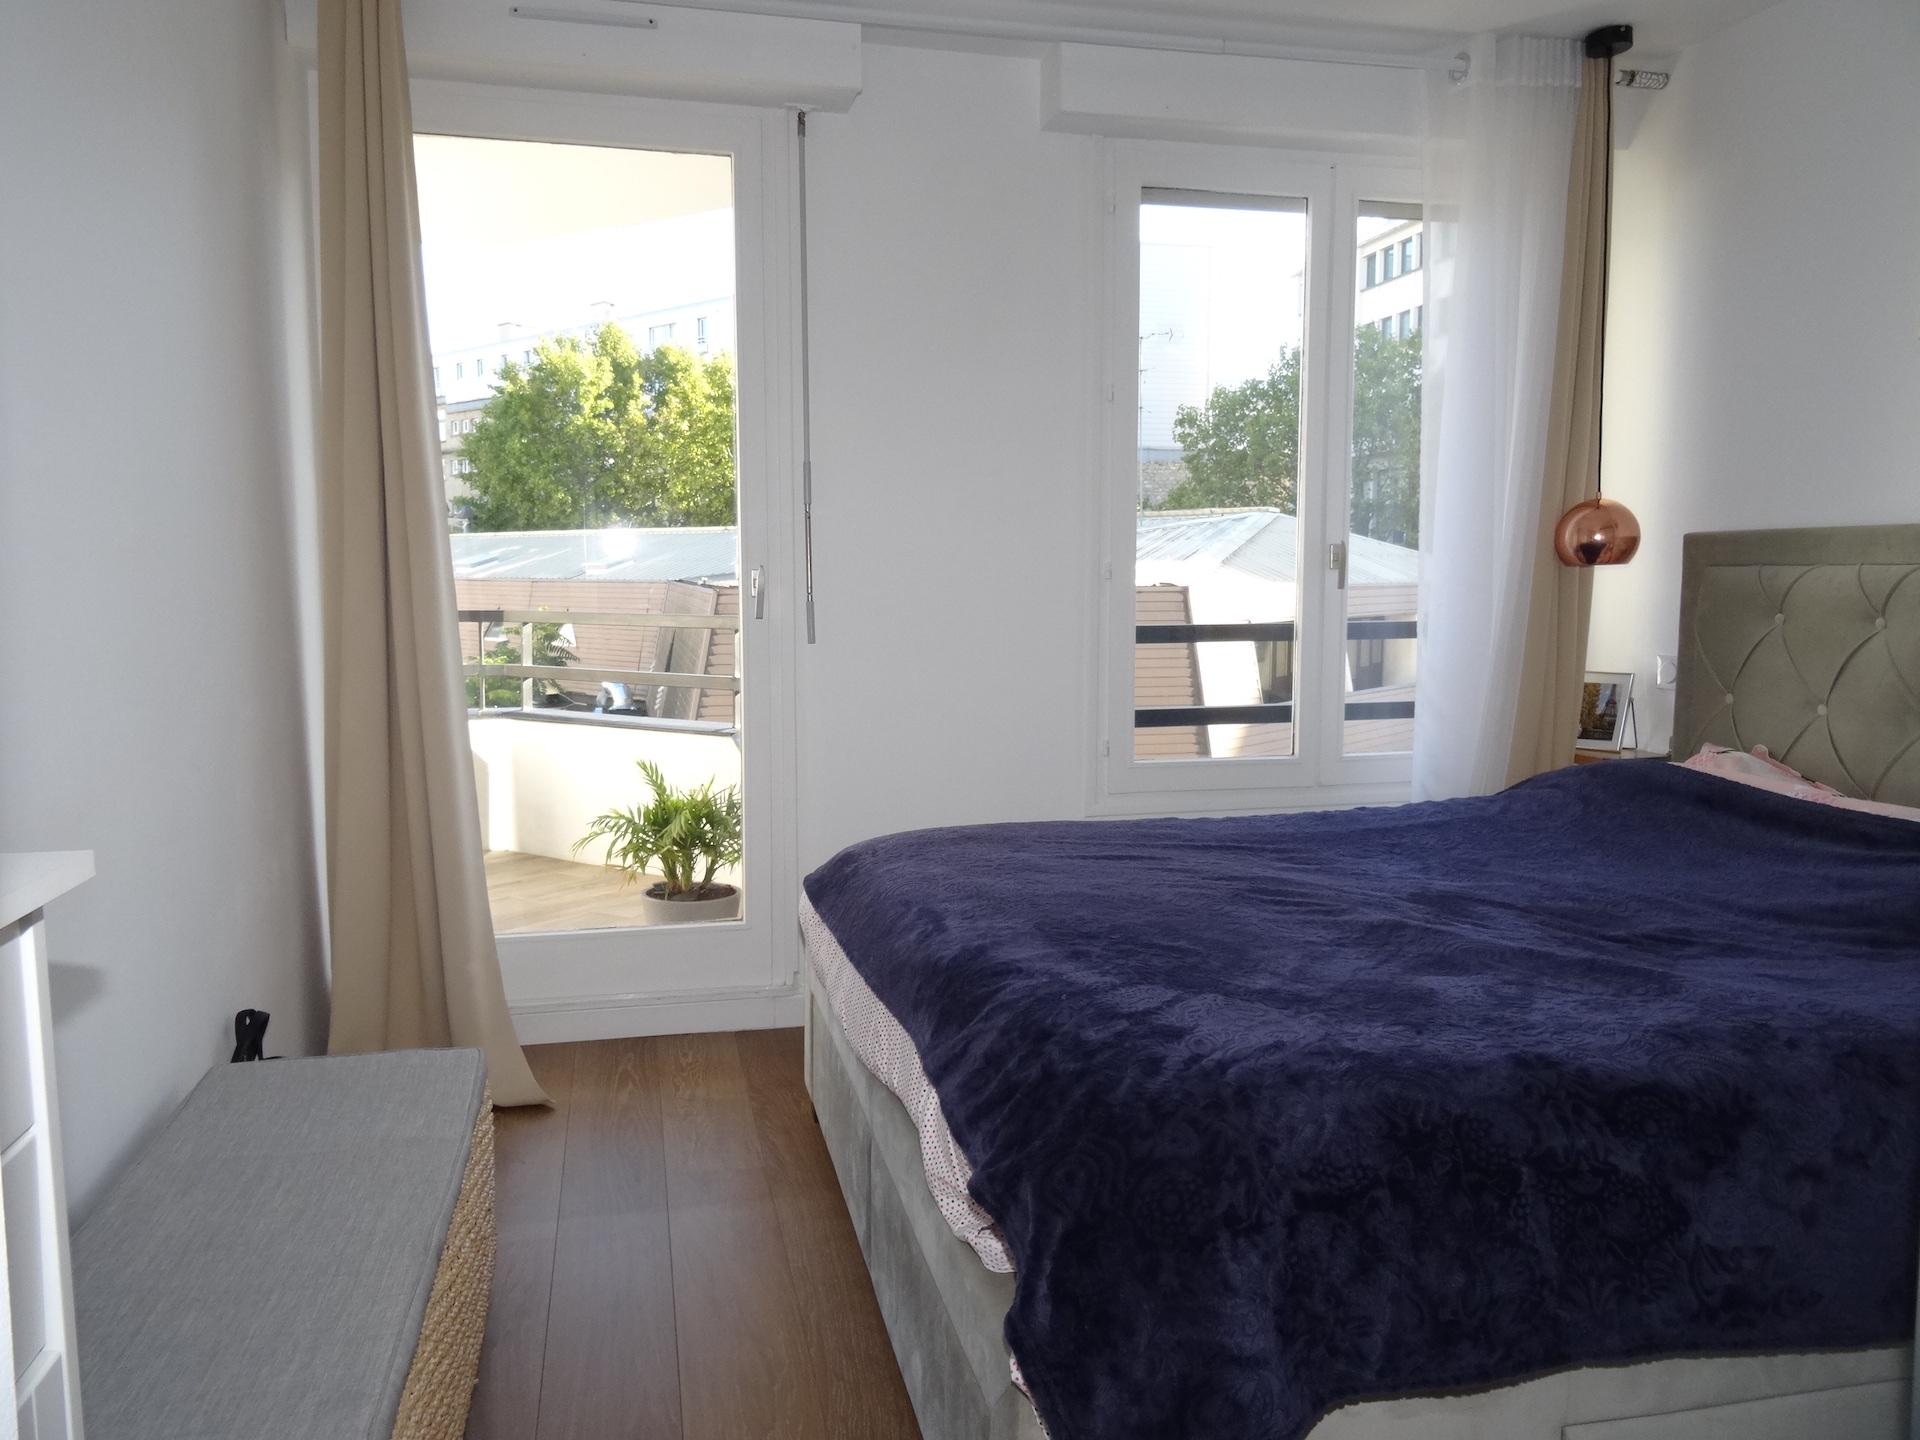 vente-appartement-3-pieces-boulogne-la-clef-des-villes-agence-immobiliere-chambre-parentale